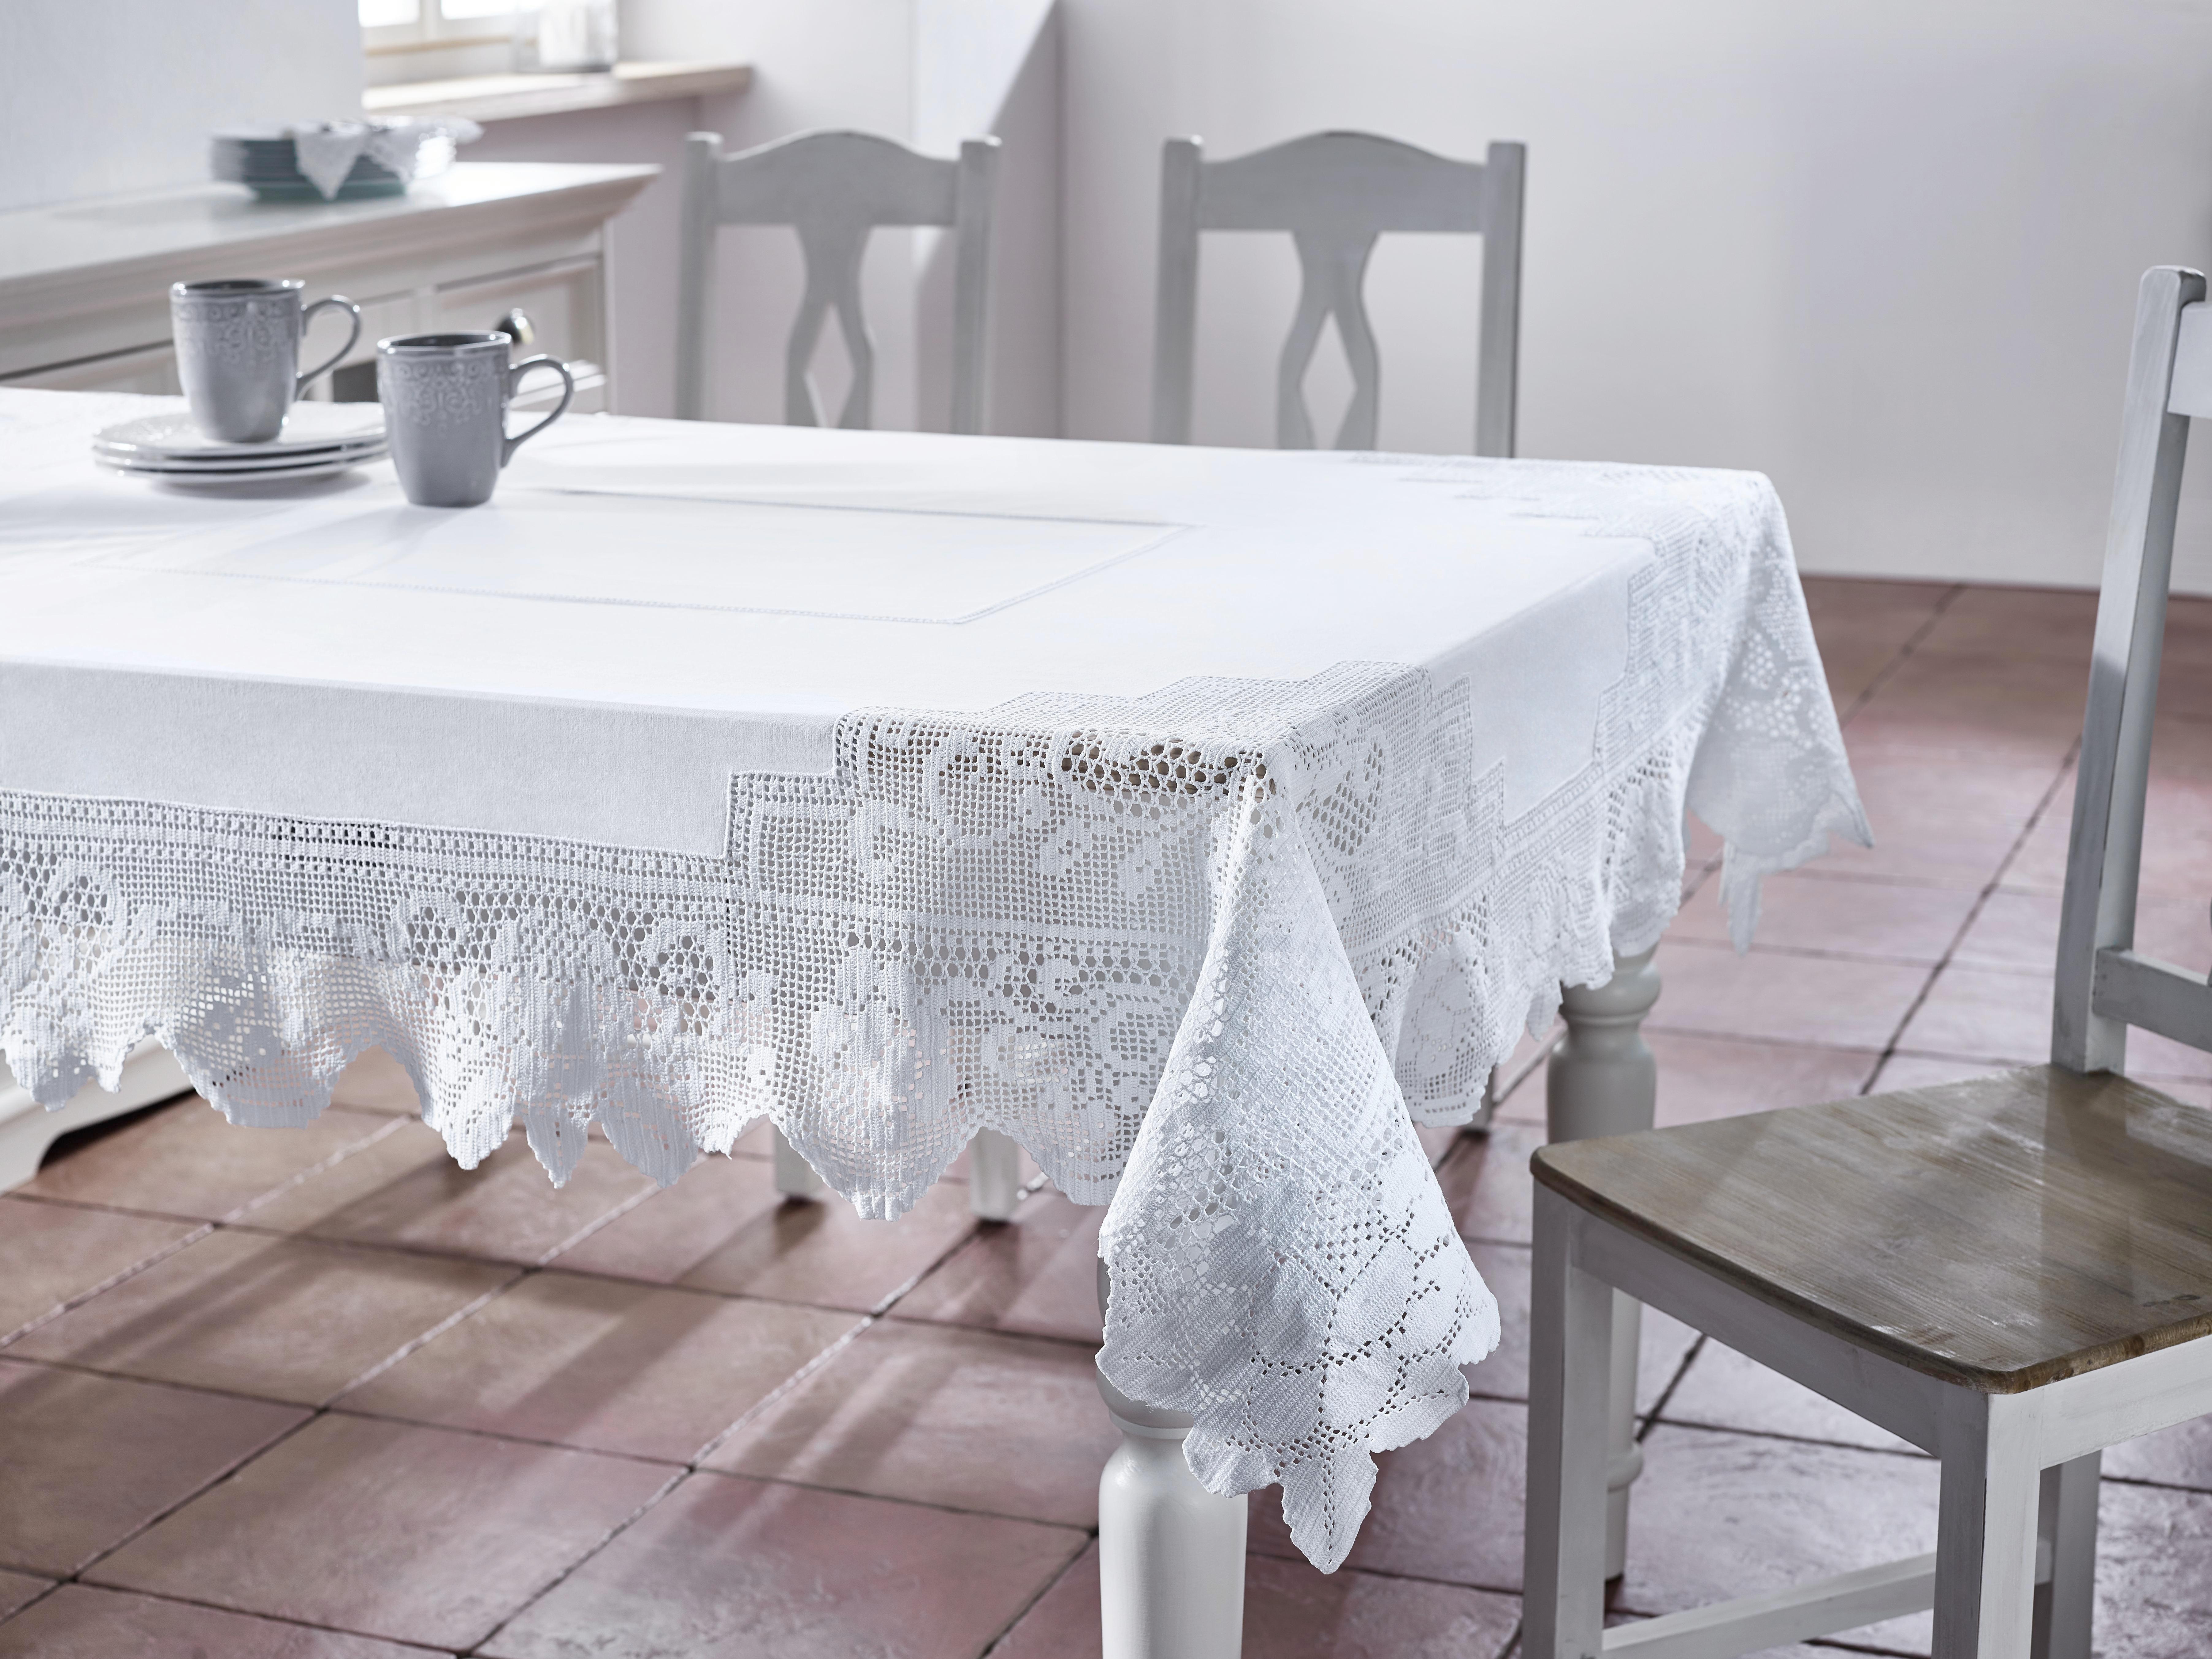 Tischdecke Constance 130x170cm - Weiß, KONVENTIONELL, Textil (130/170cm) - MÖMAX modern living